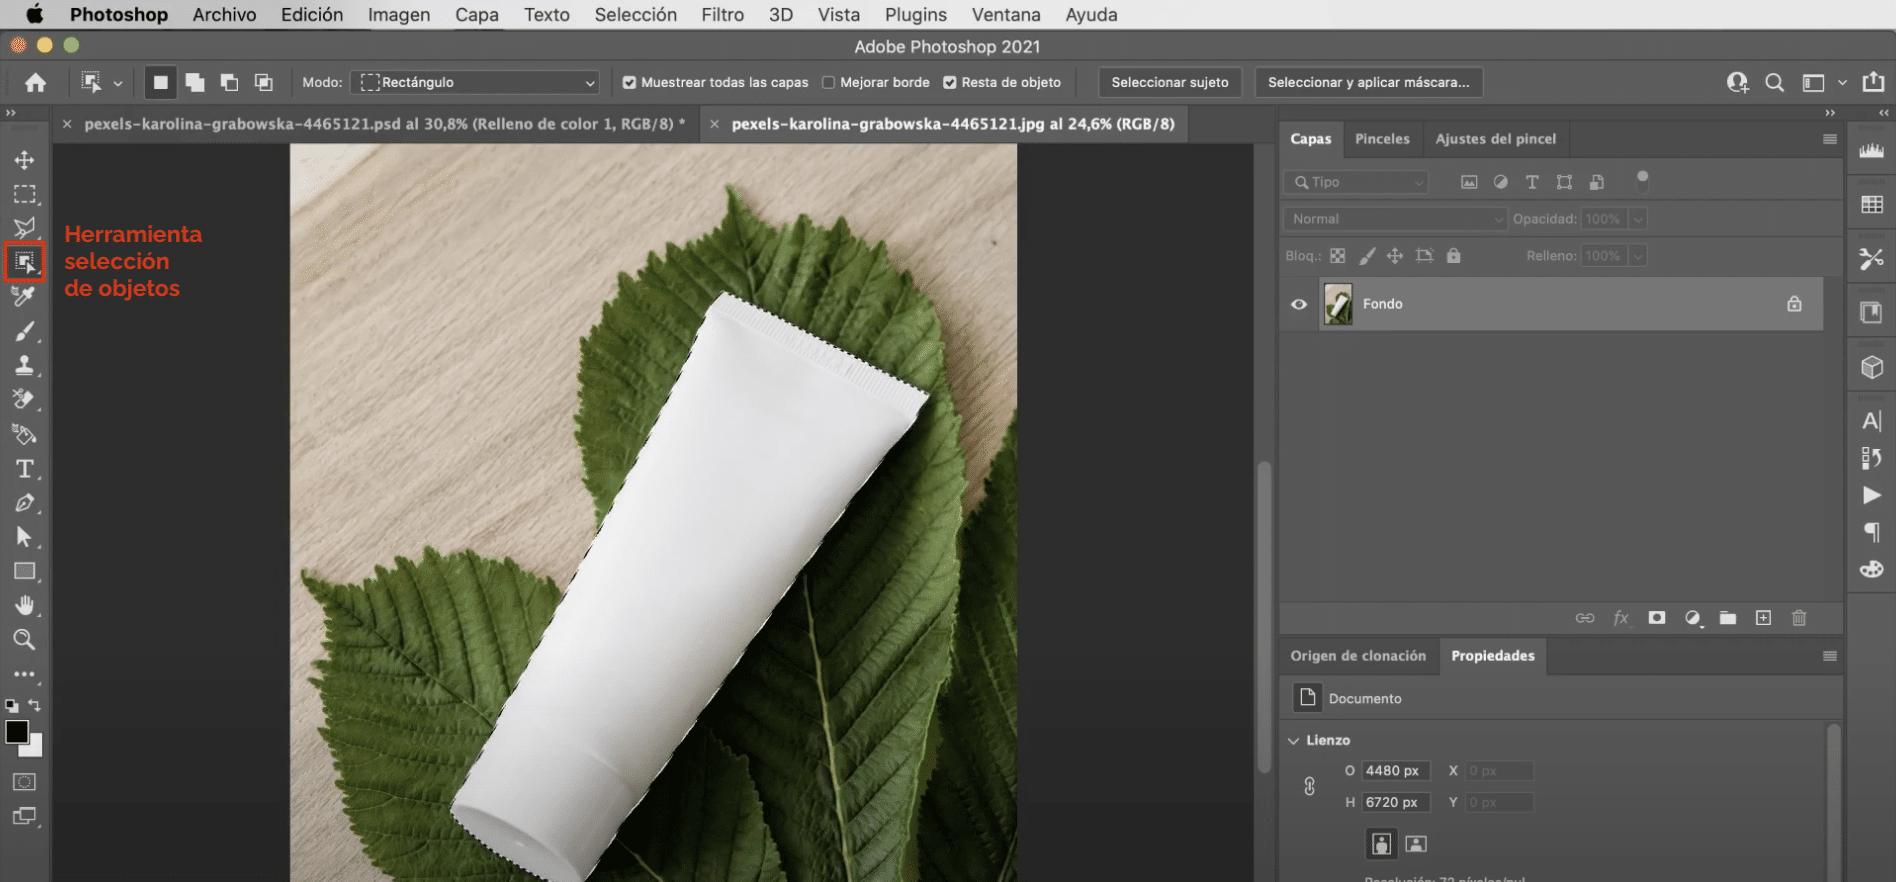 Herramienta selección de objetos en Photoshop